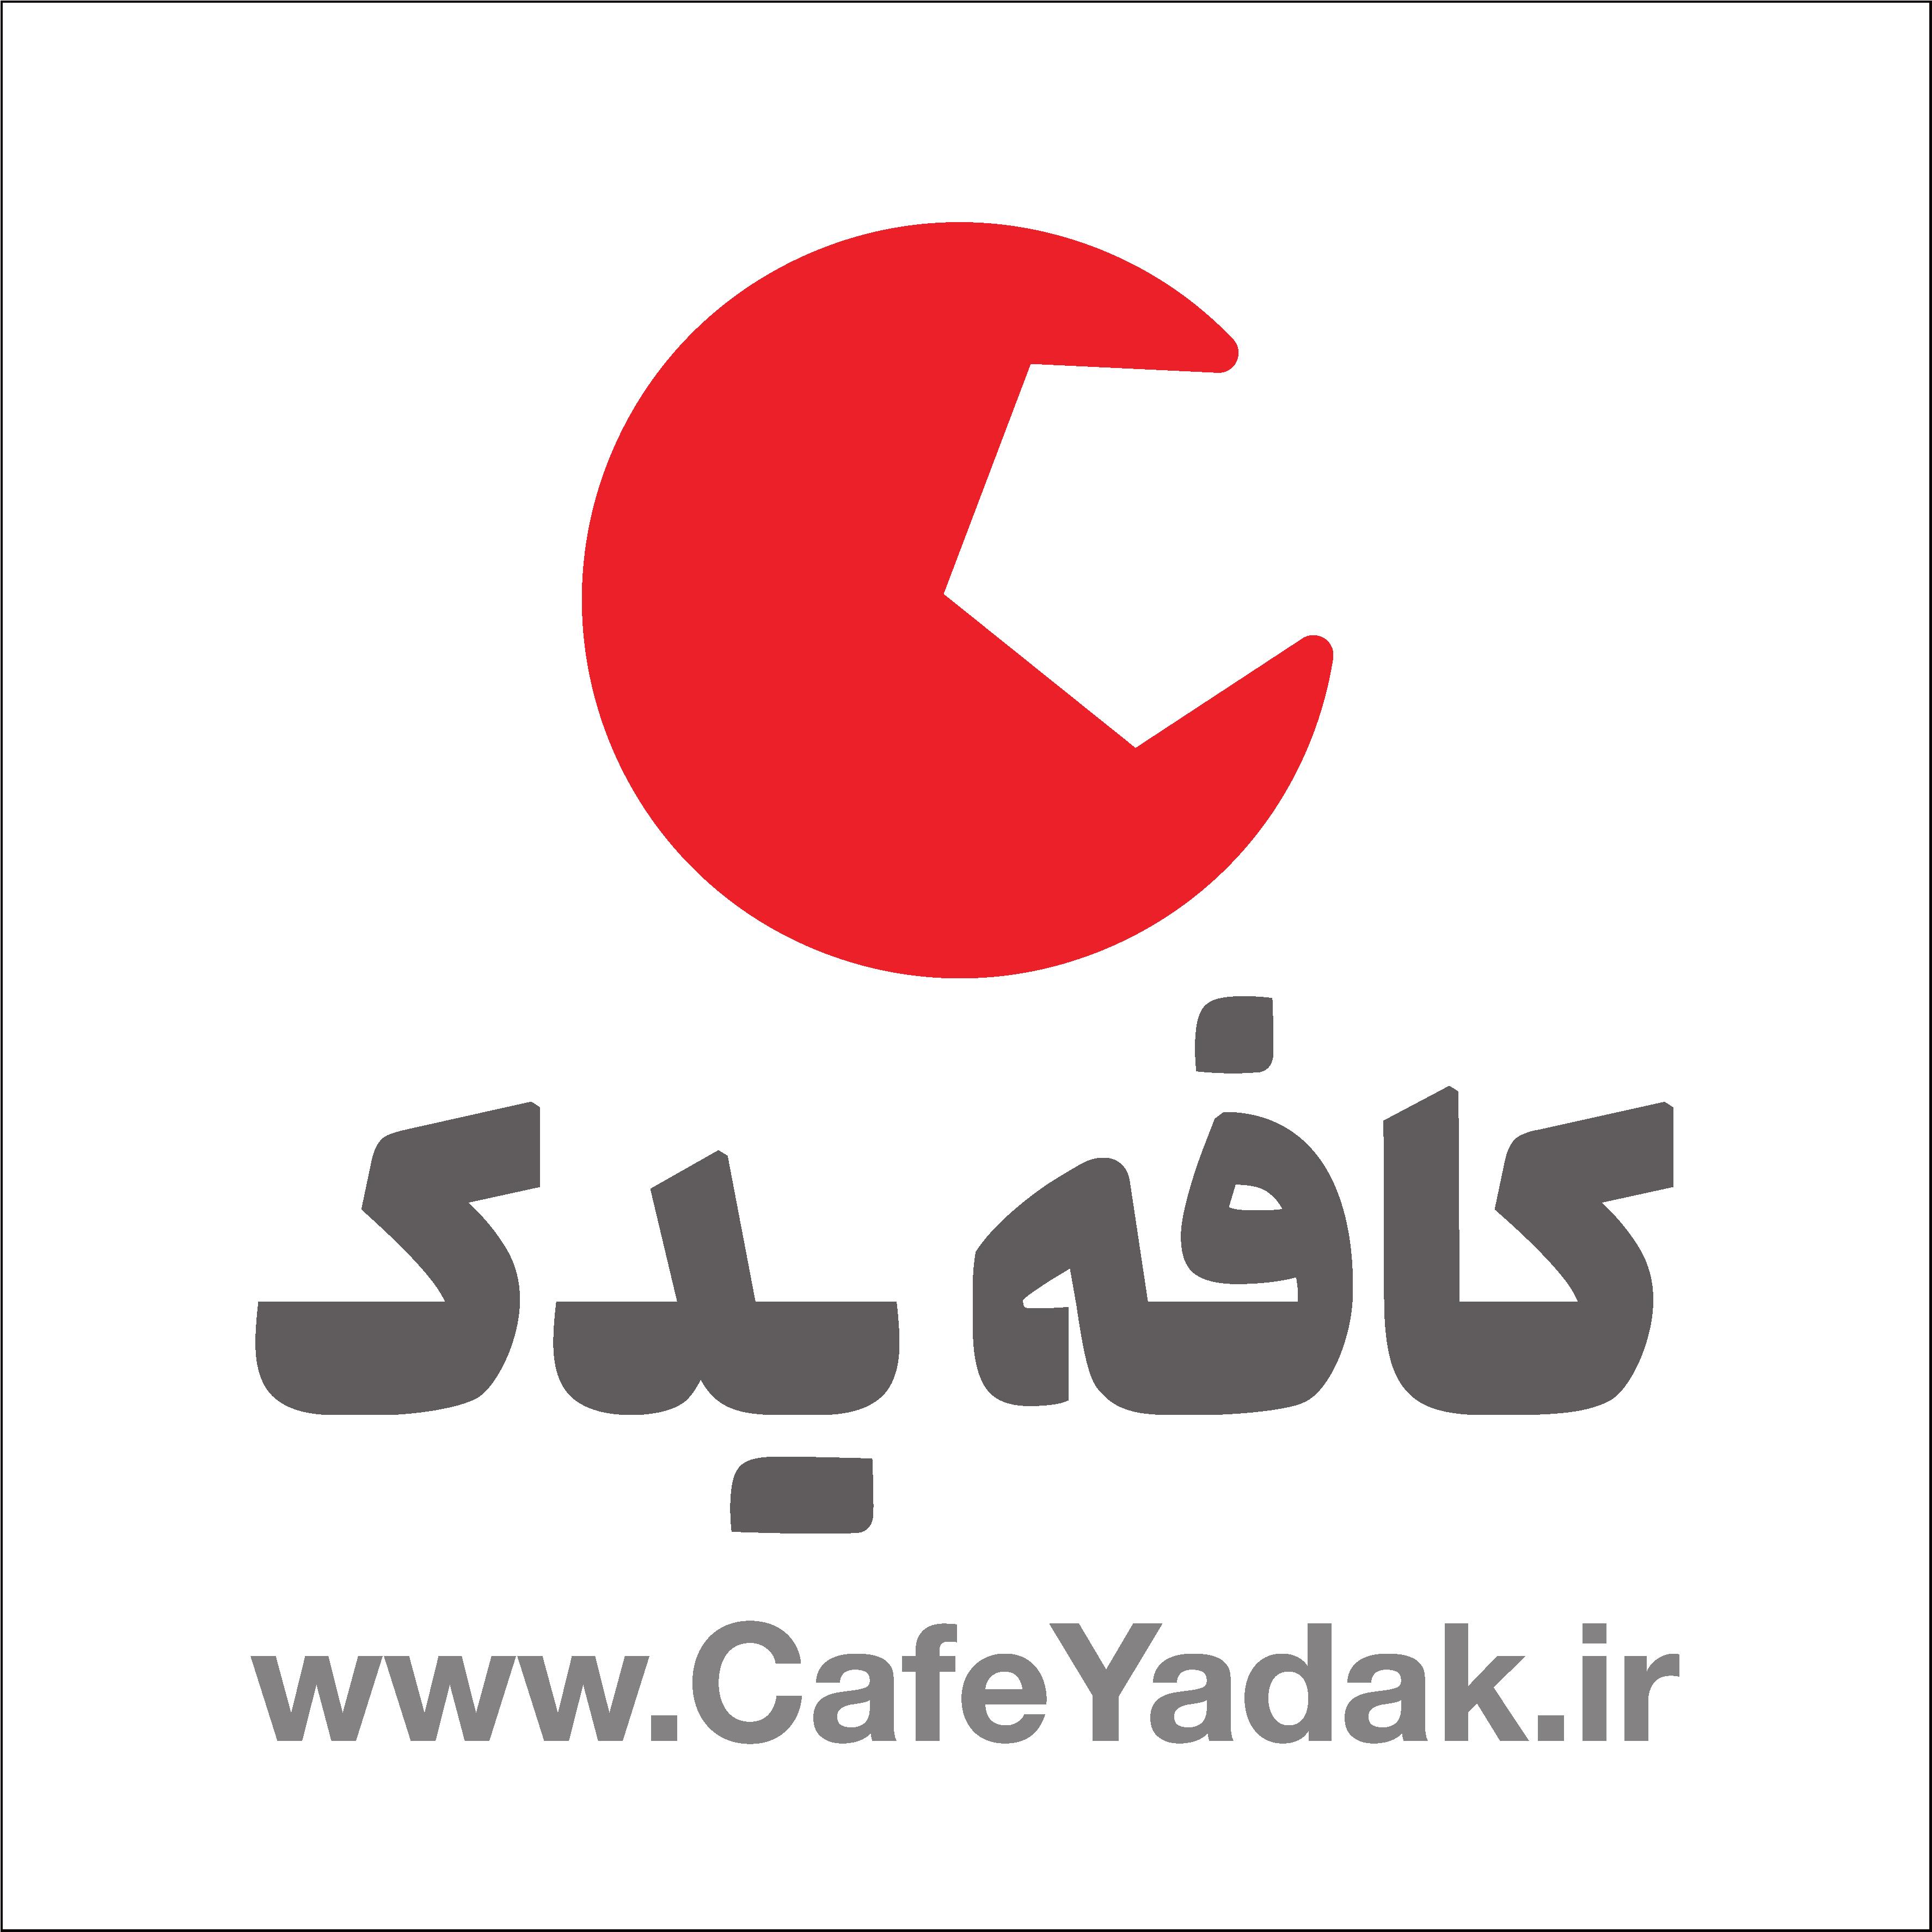 کافه یدک | فروشگاه اینترنتی خرید لوازم یدکی خودرو